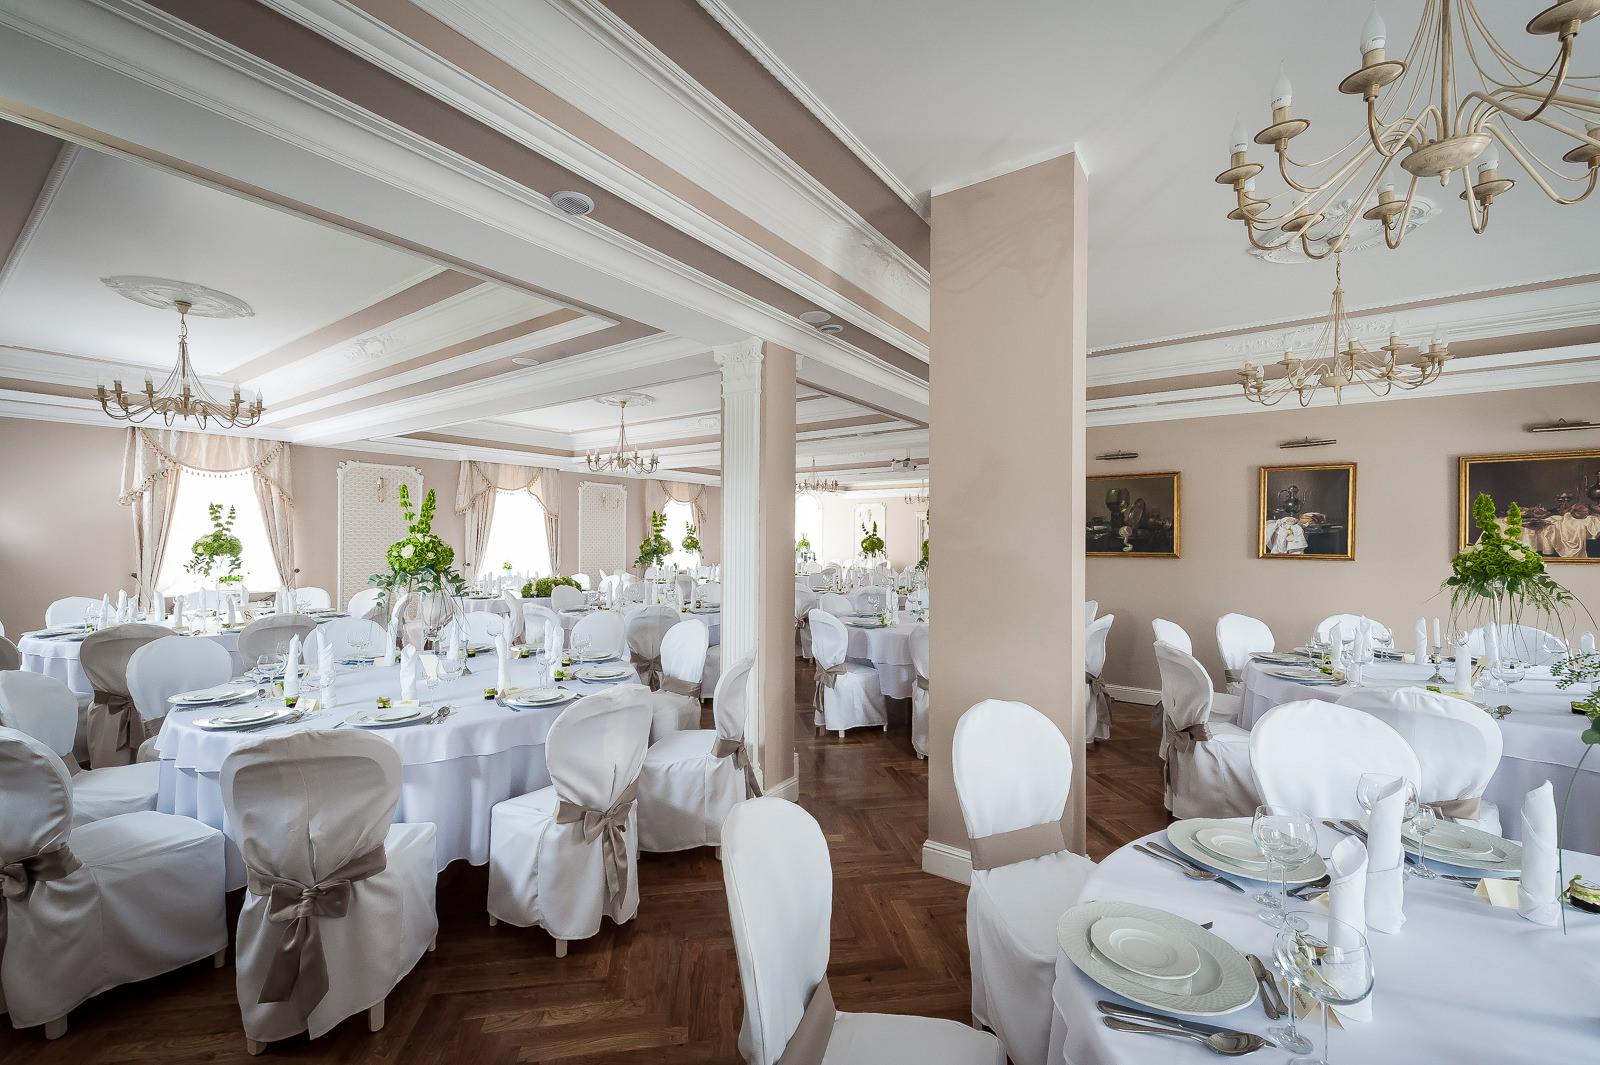 Propozycja ustawienia stołów w Dworze Fijewo